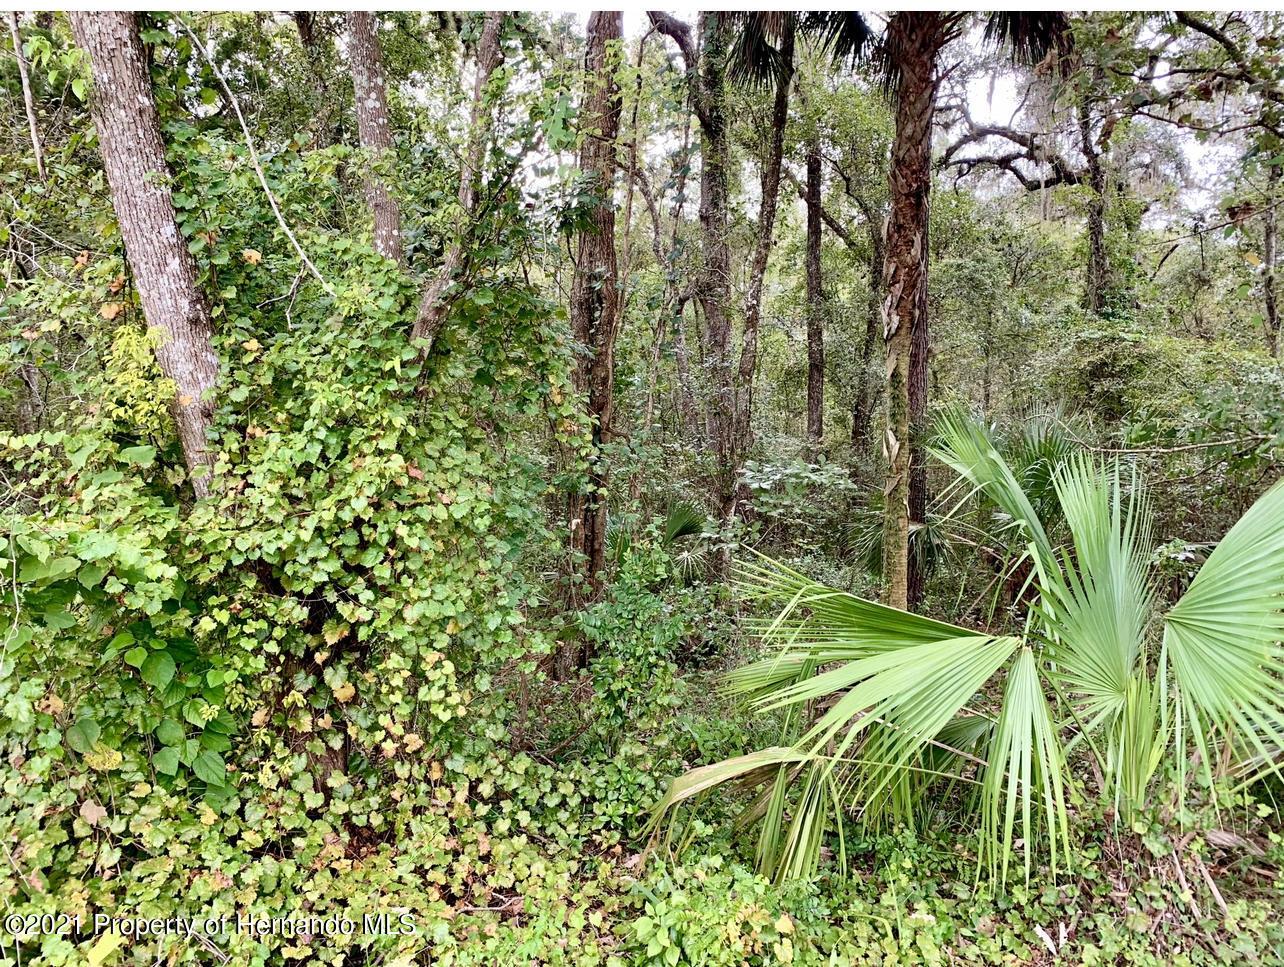 Details for 0 Florida Wren Avenue, Weeki Wachee, FL 34614